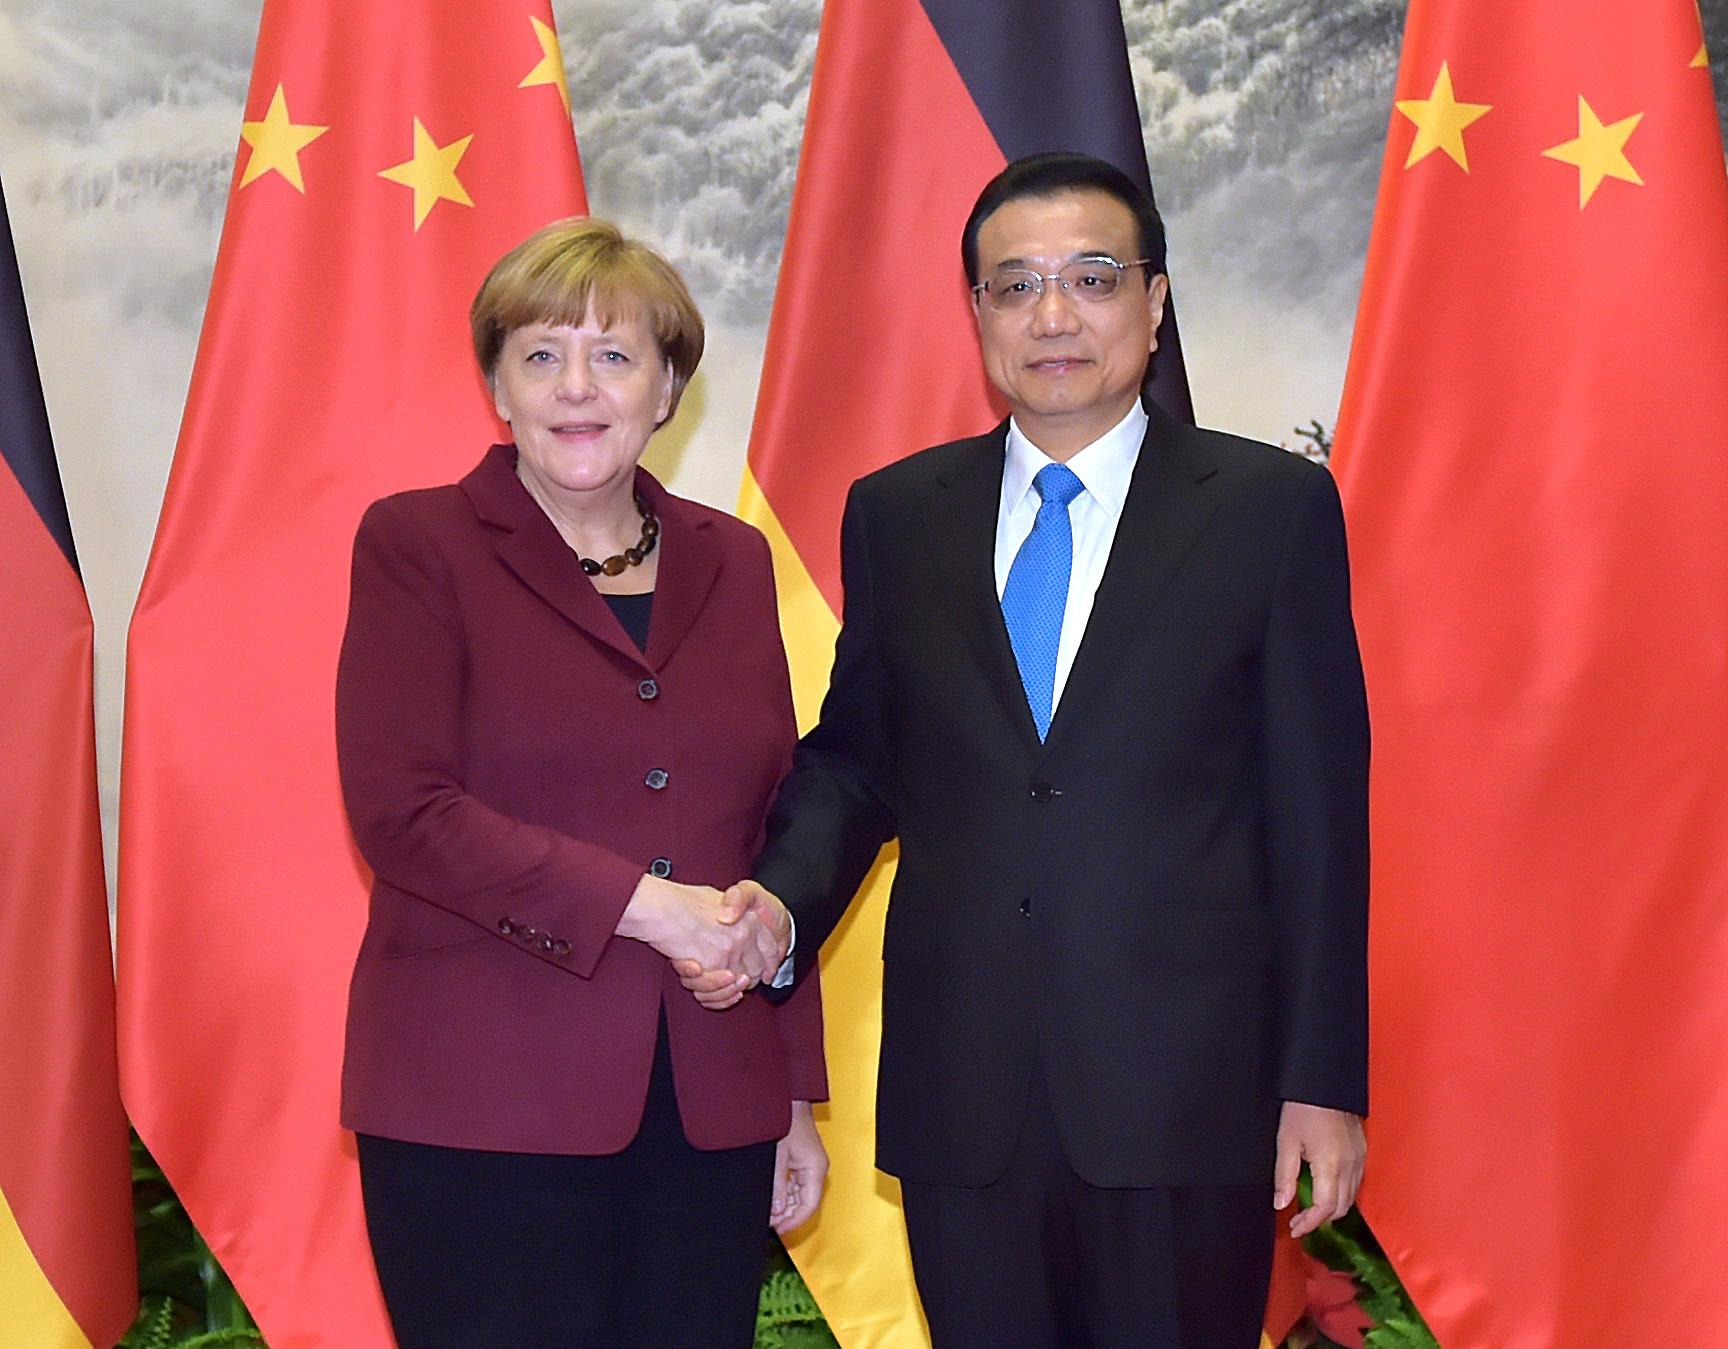 Jövőre el kell döntenie az EU-nak, hogy megadja-e a piacgazdaság-státuszt Kínának